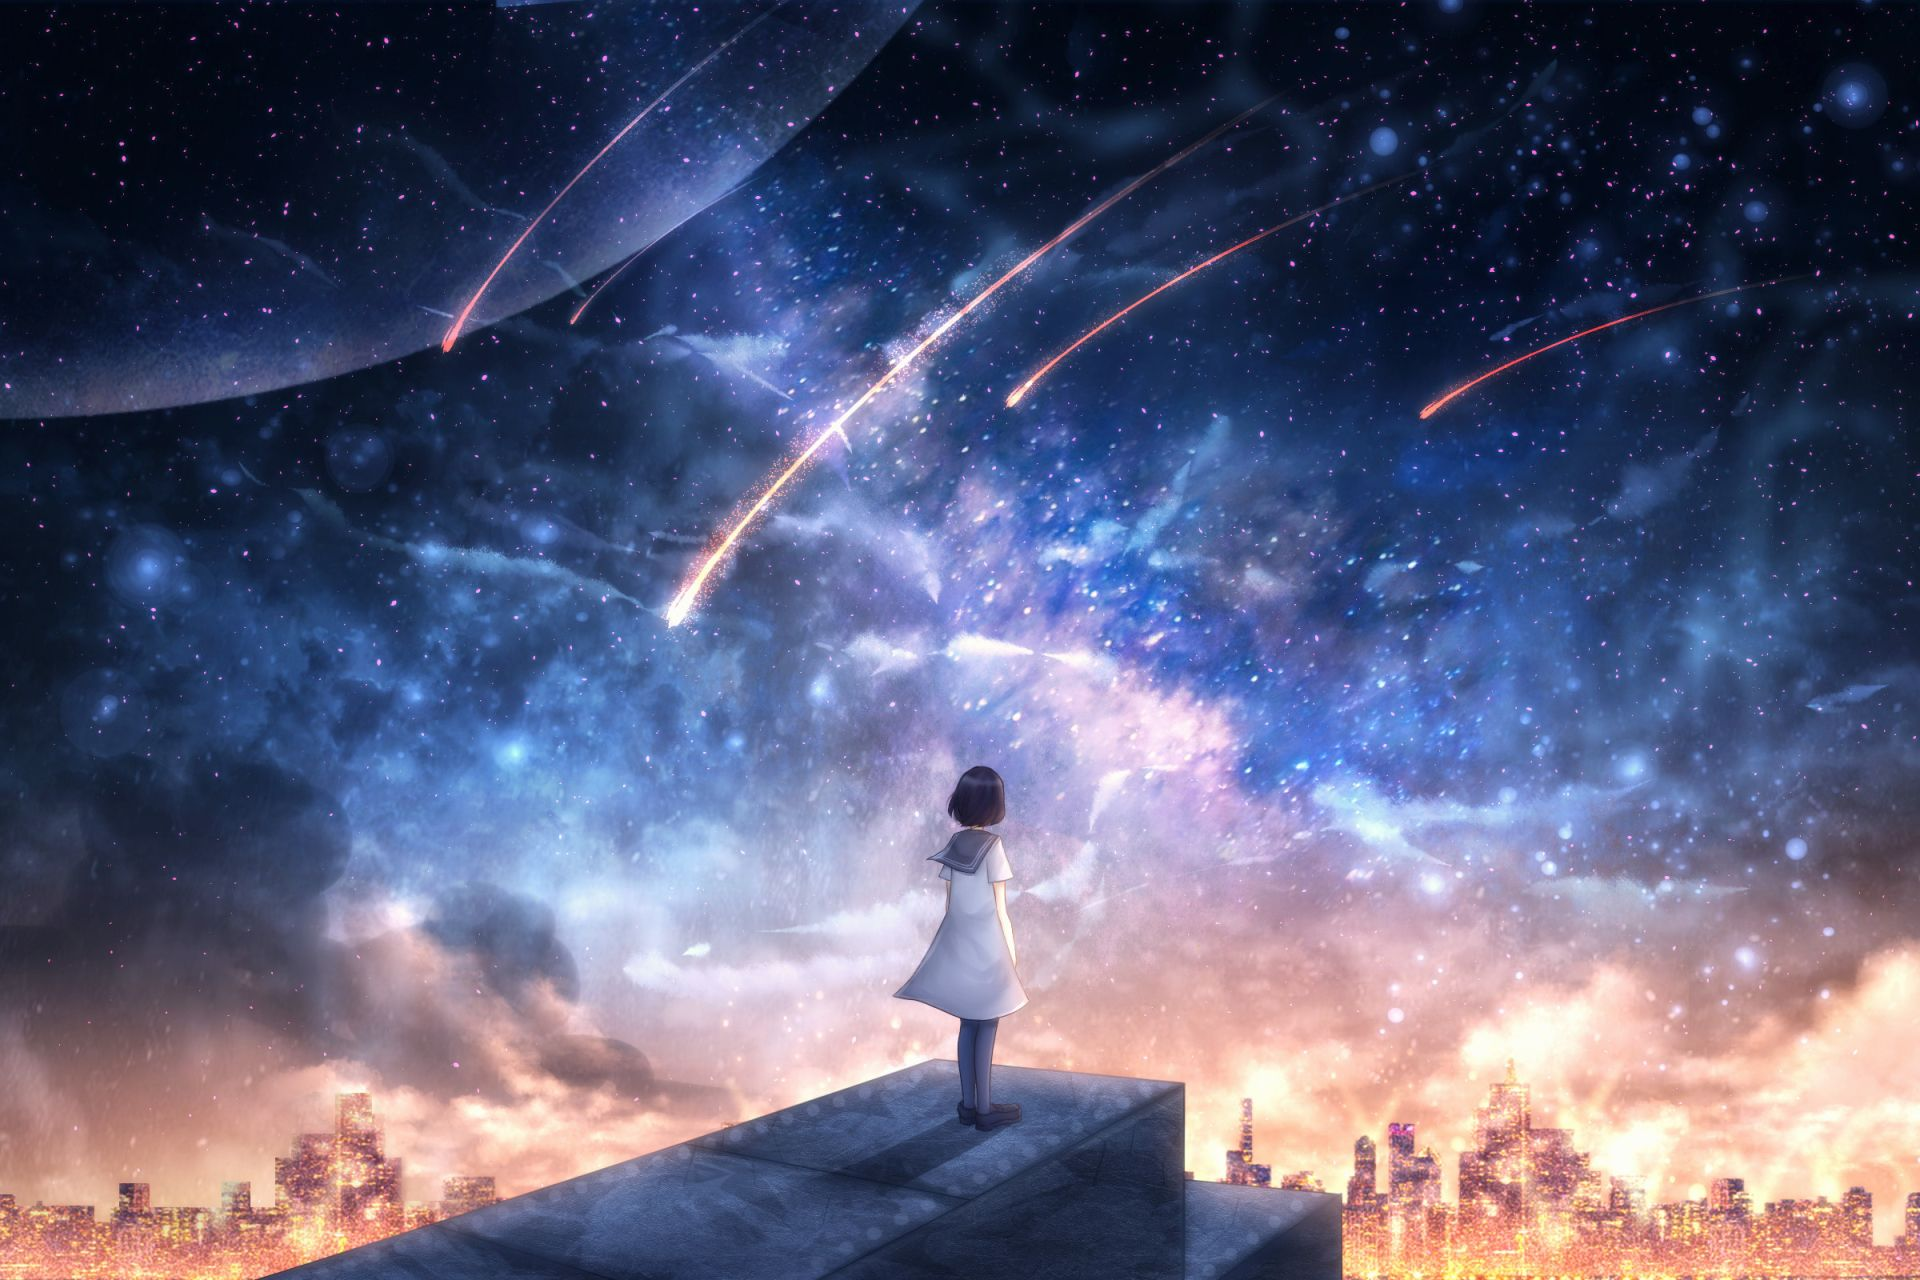 Anime Original Shooting Star Stars City Short Hair Black Hair Wallpaper Sky Anime Anime Artwork Wallpaper Anime Backgrounds Wallpapers Anime sky stars wallpaper